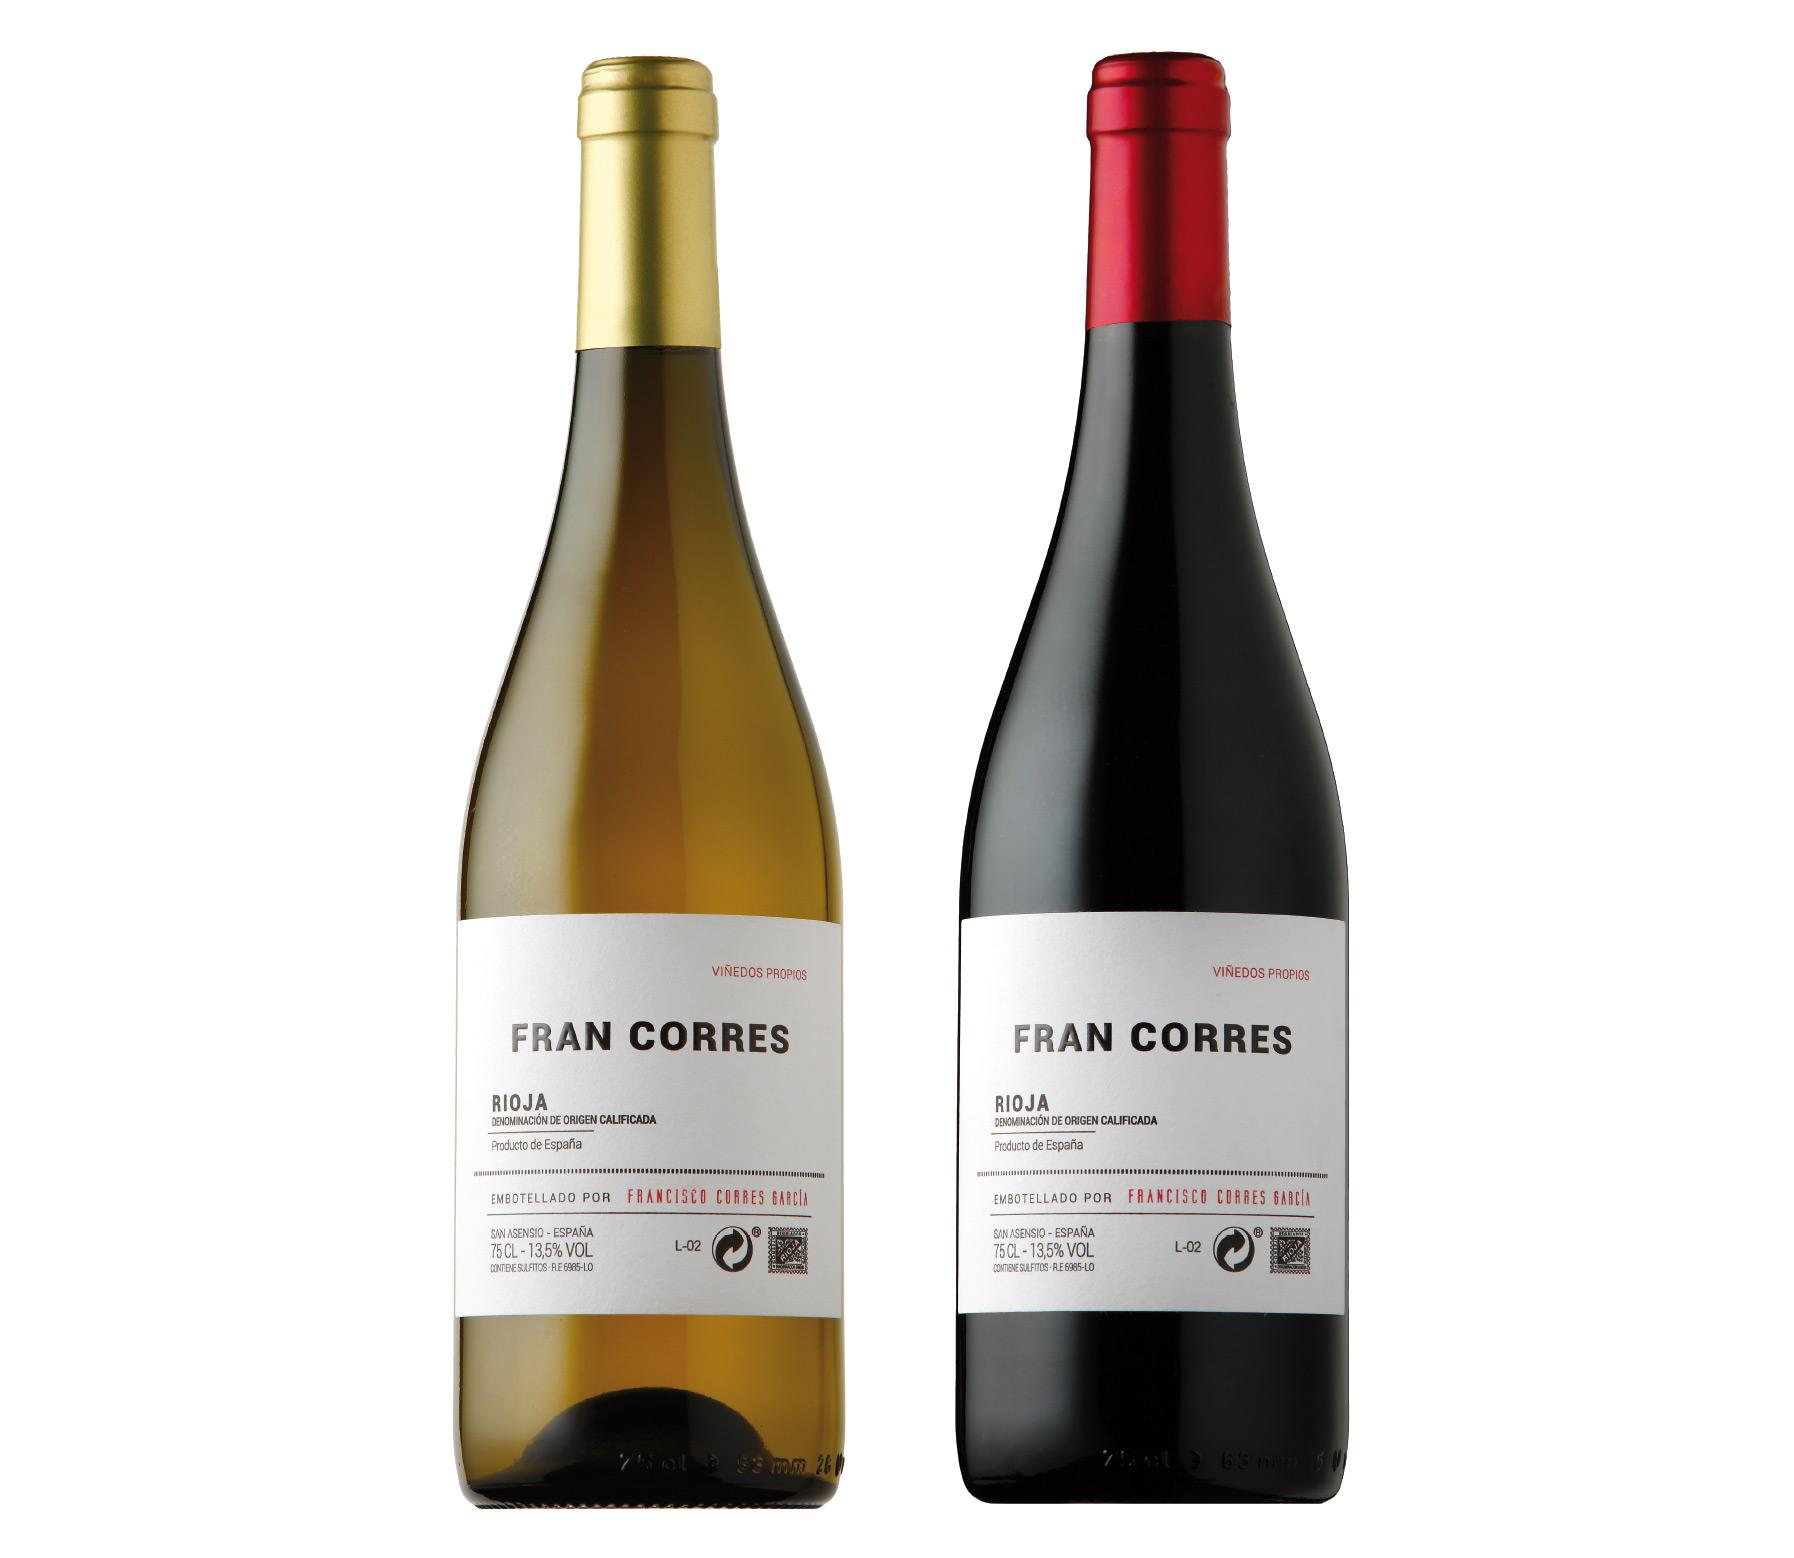 francisco_corres_orive_fran_corres-producto